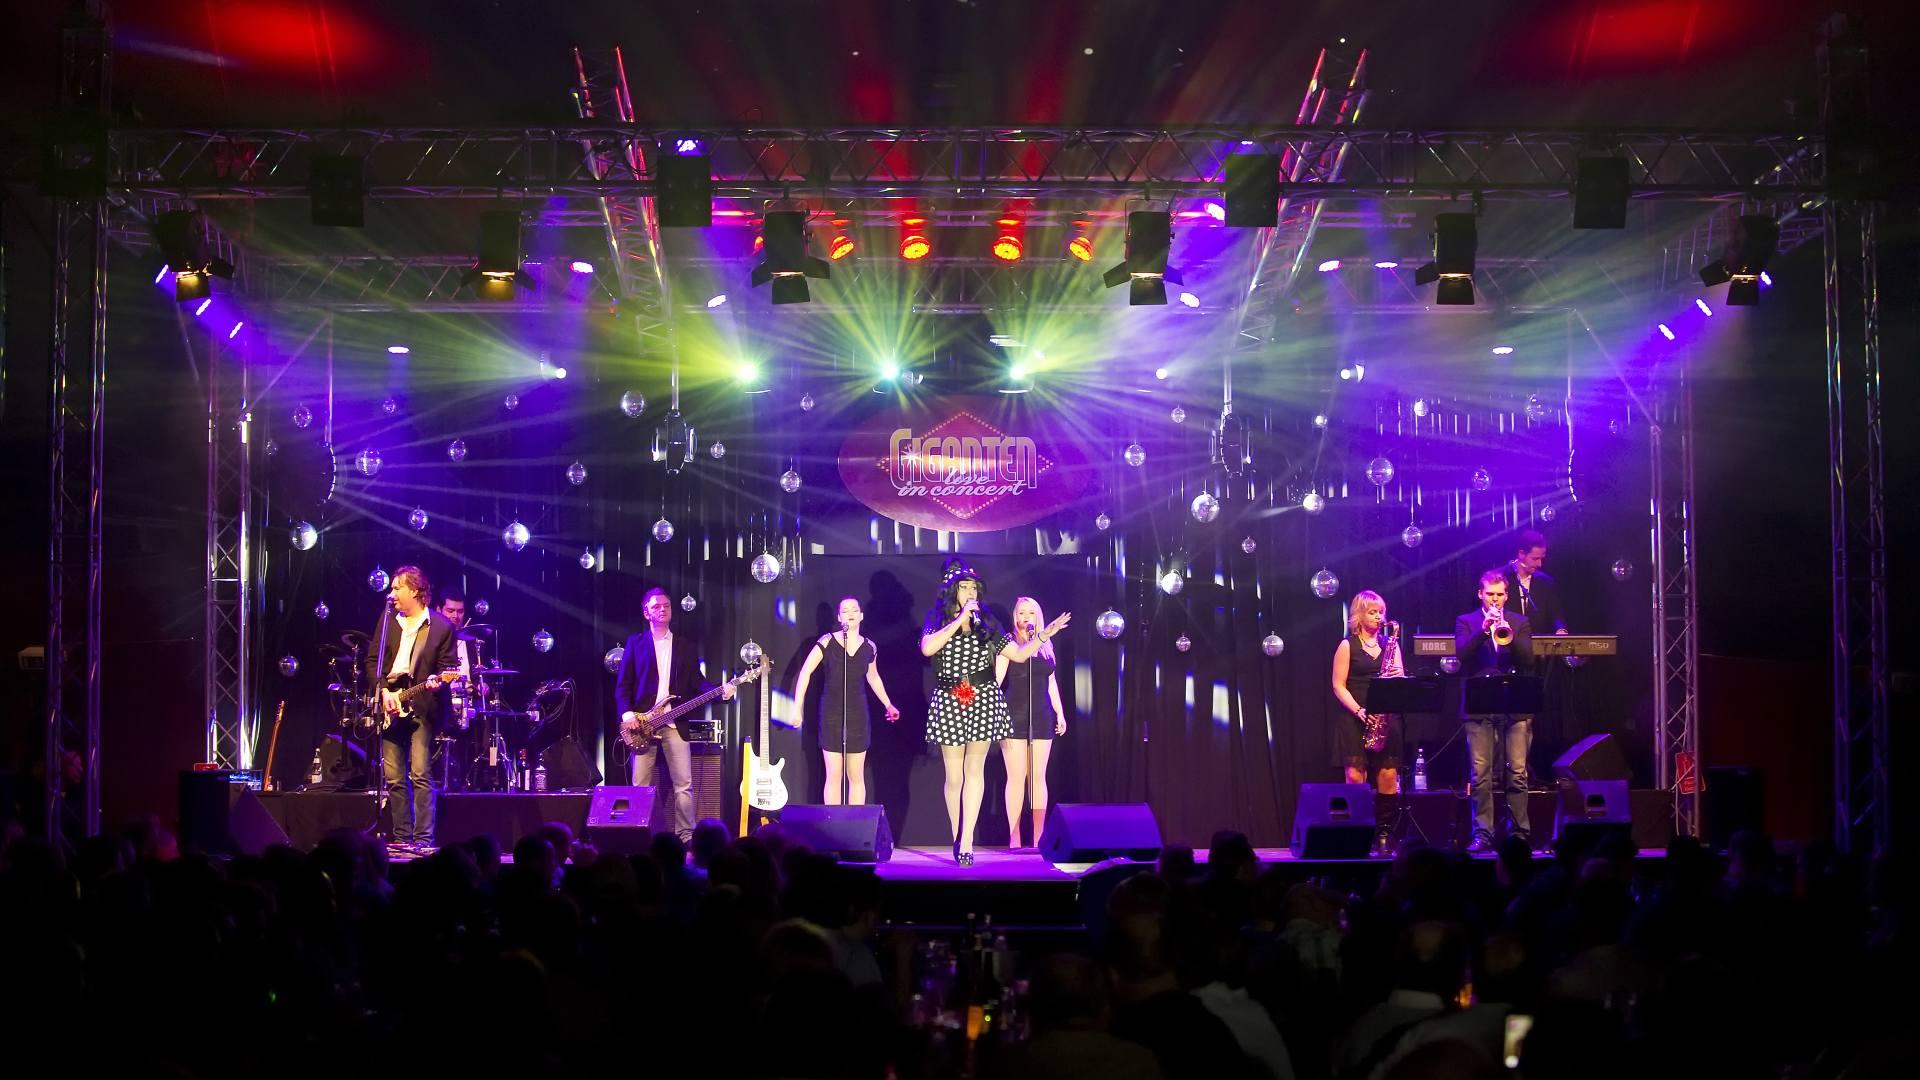 Giganten Live in Konzert Hamburg Weihnachtsfeierzauber